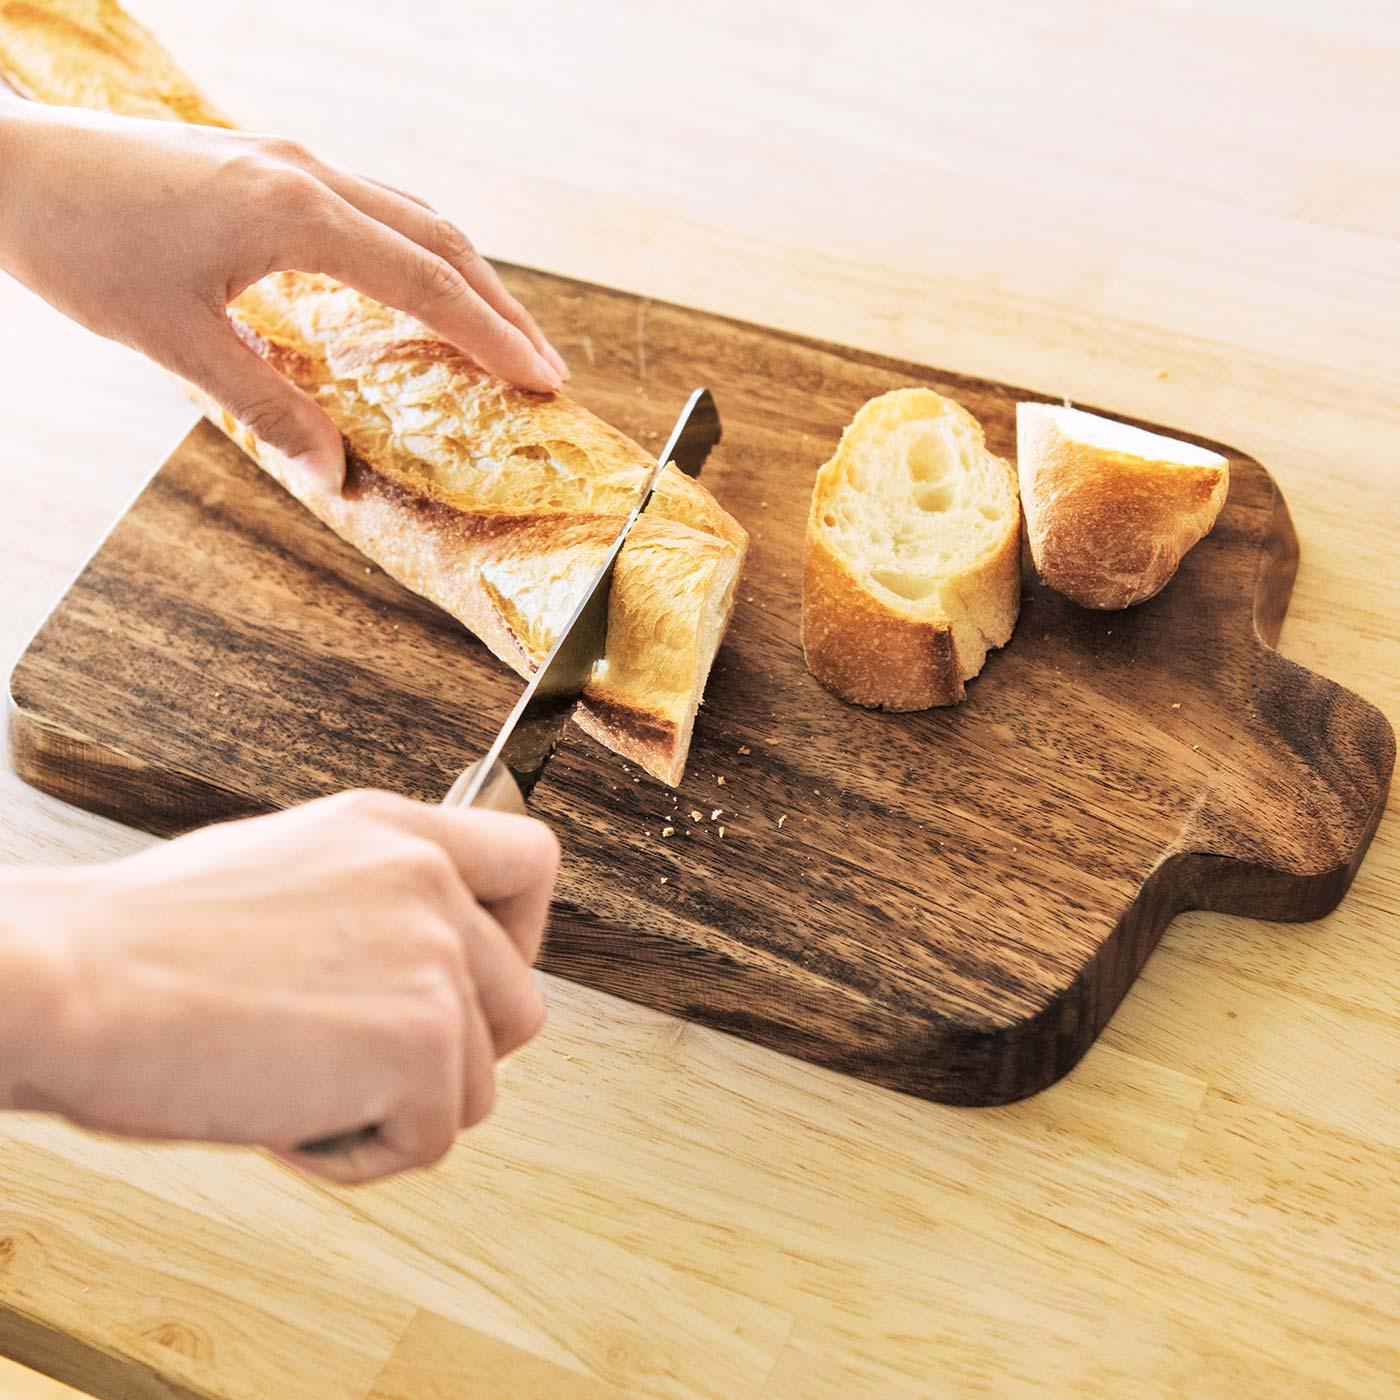 裏面のカッティングボードでパンやチーズをカットしてそのまま食卓へ。